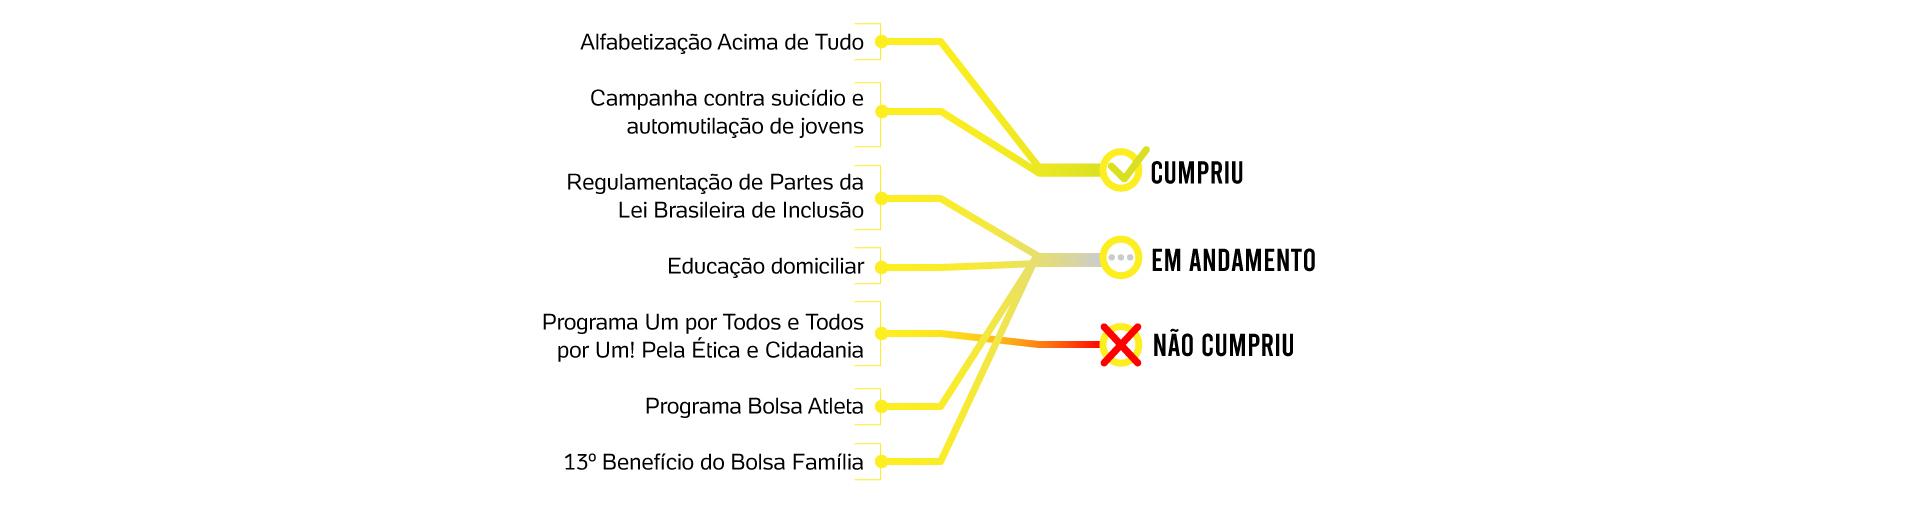 educacao-direitoshumanos-web2 100 dias de governo de Jair Bolsonaro